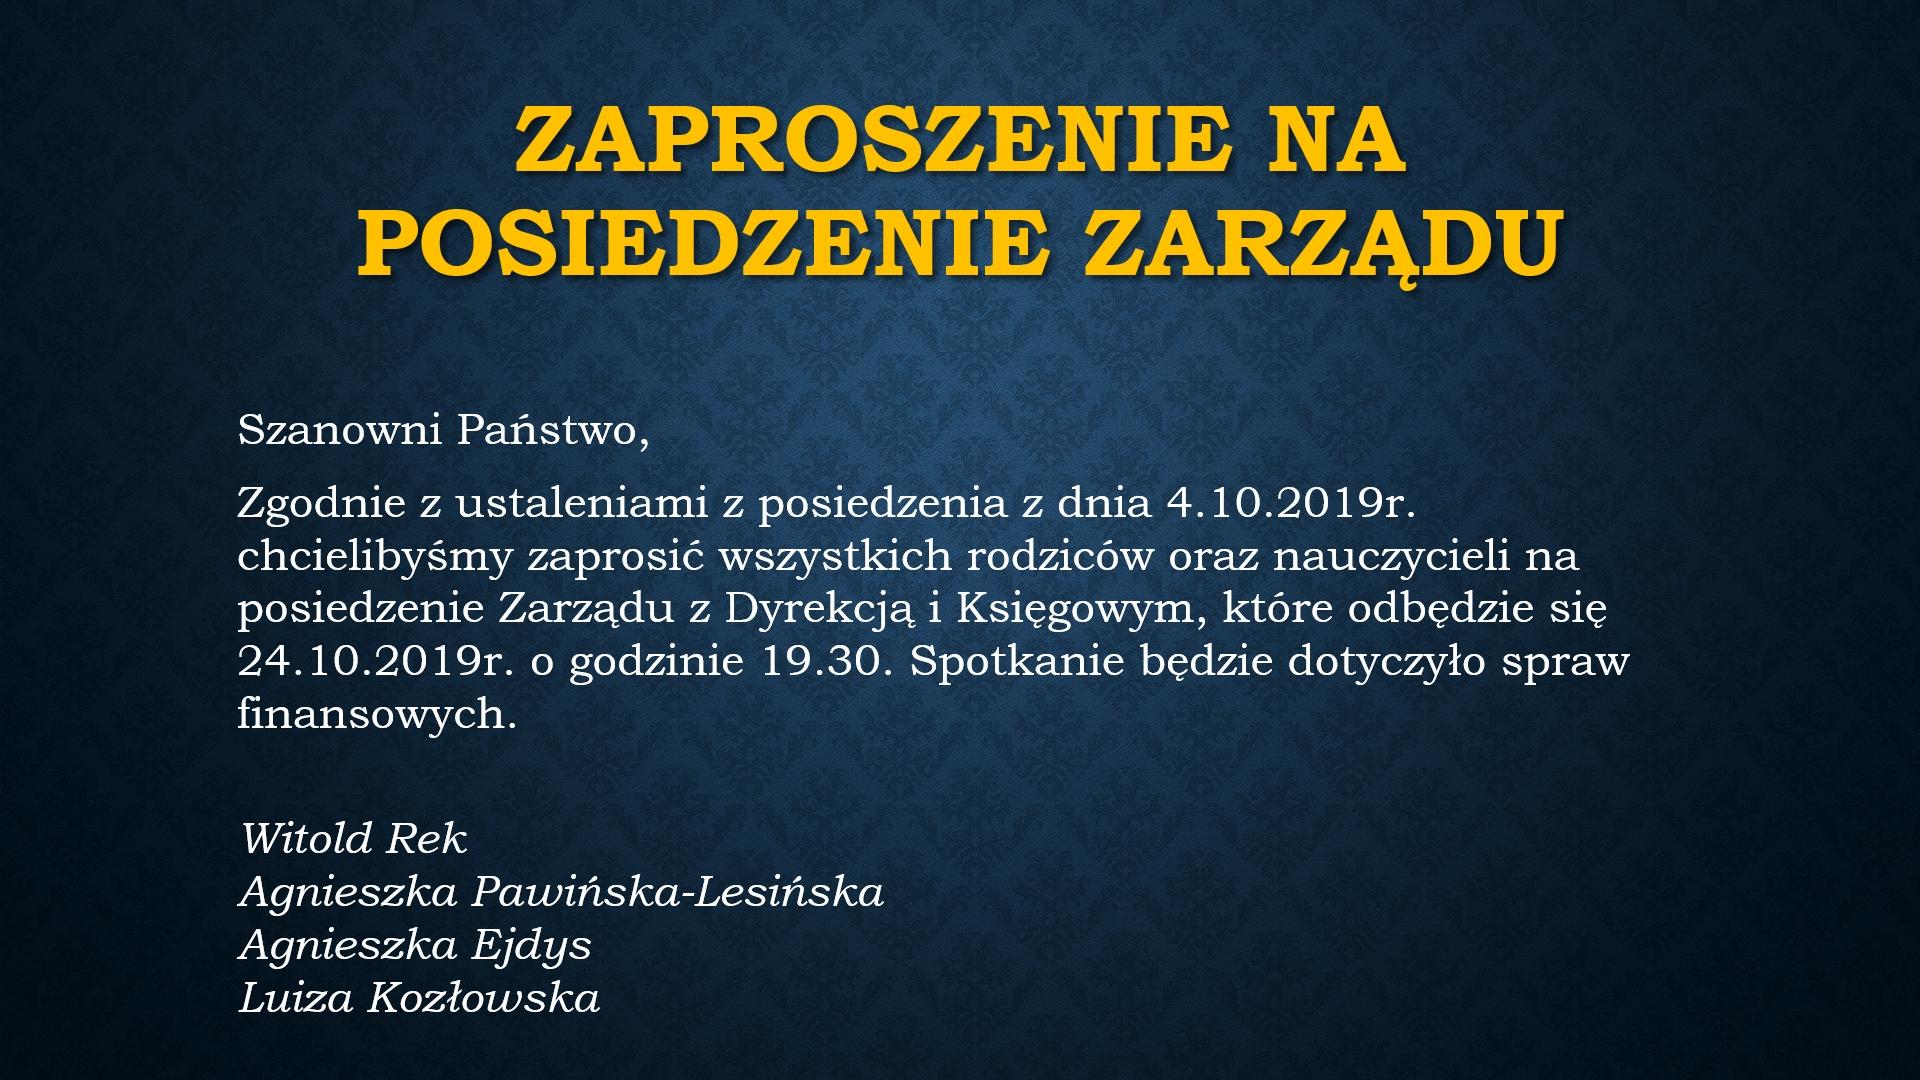 zaproszenie_na_posiedzenie_zarzadu